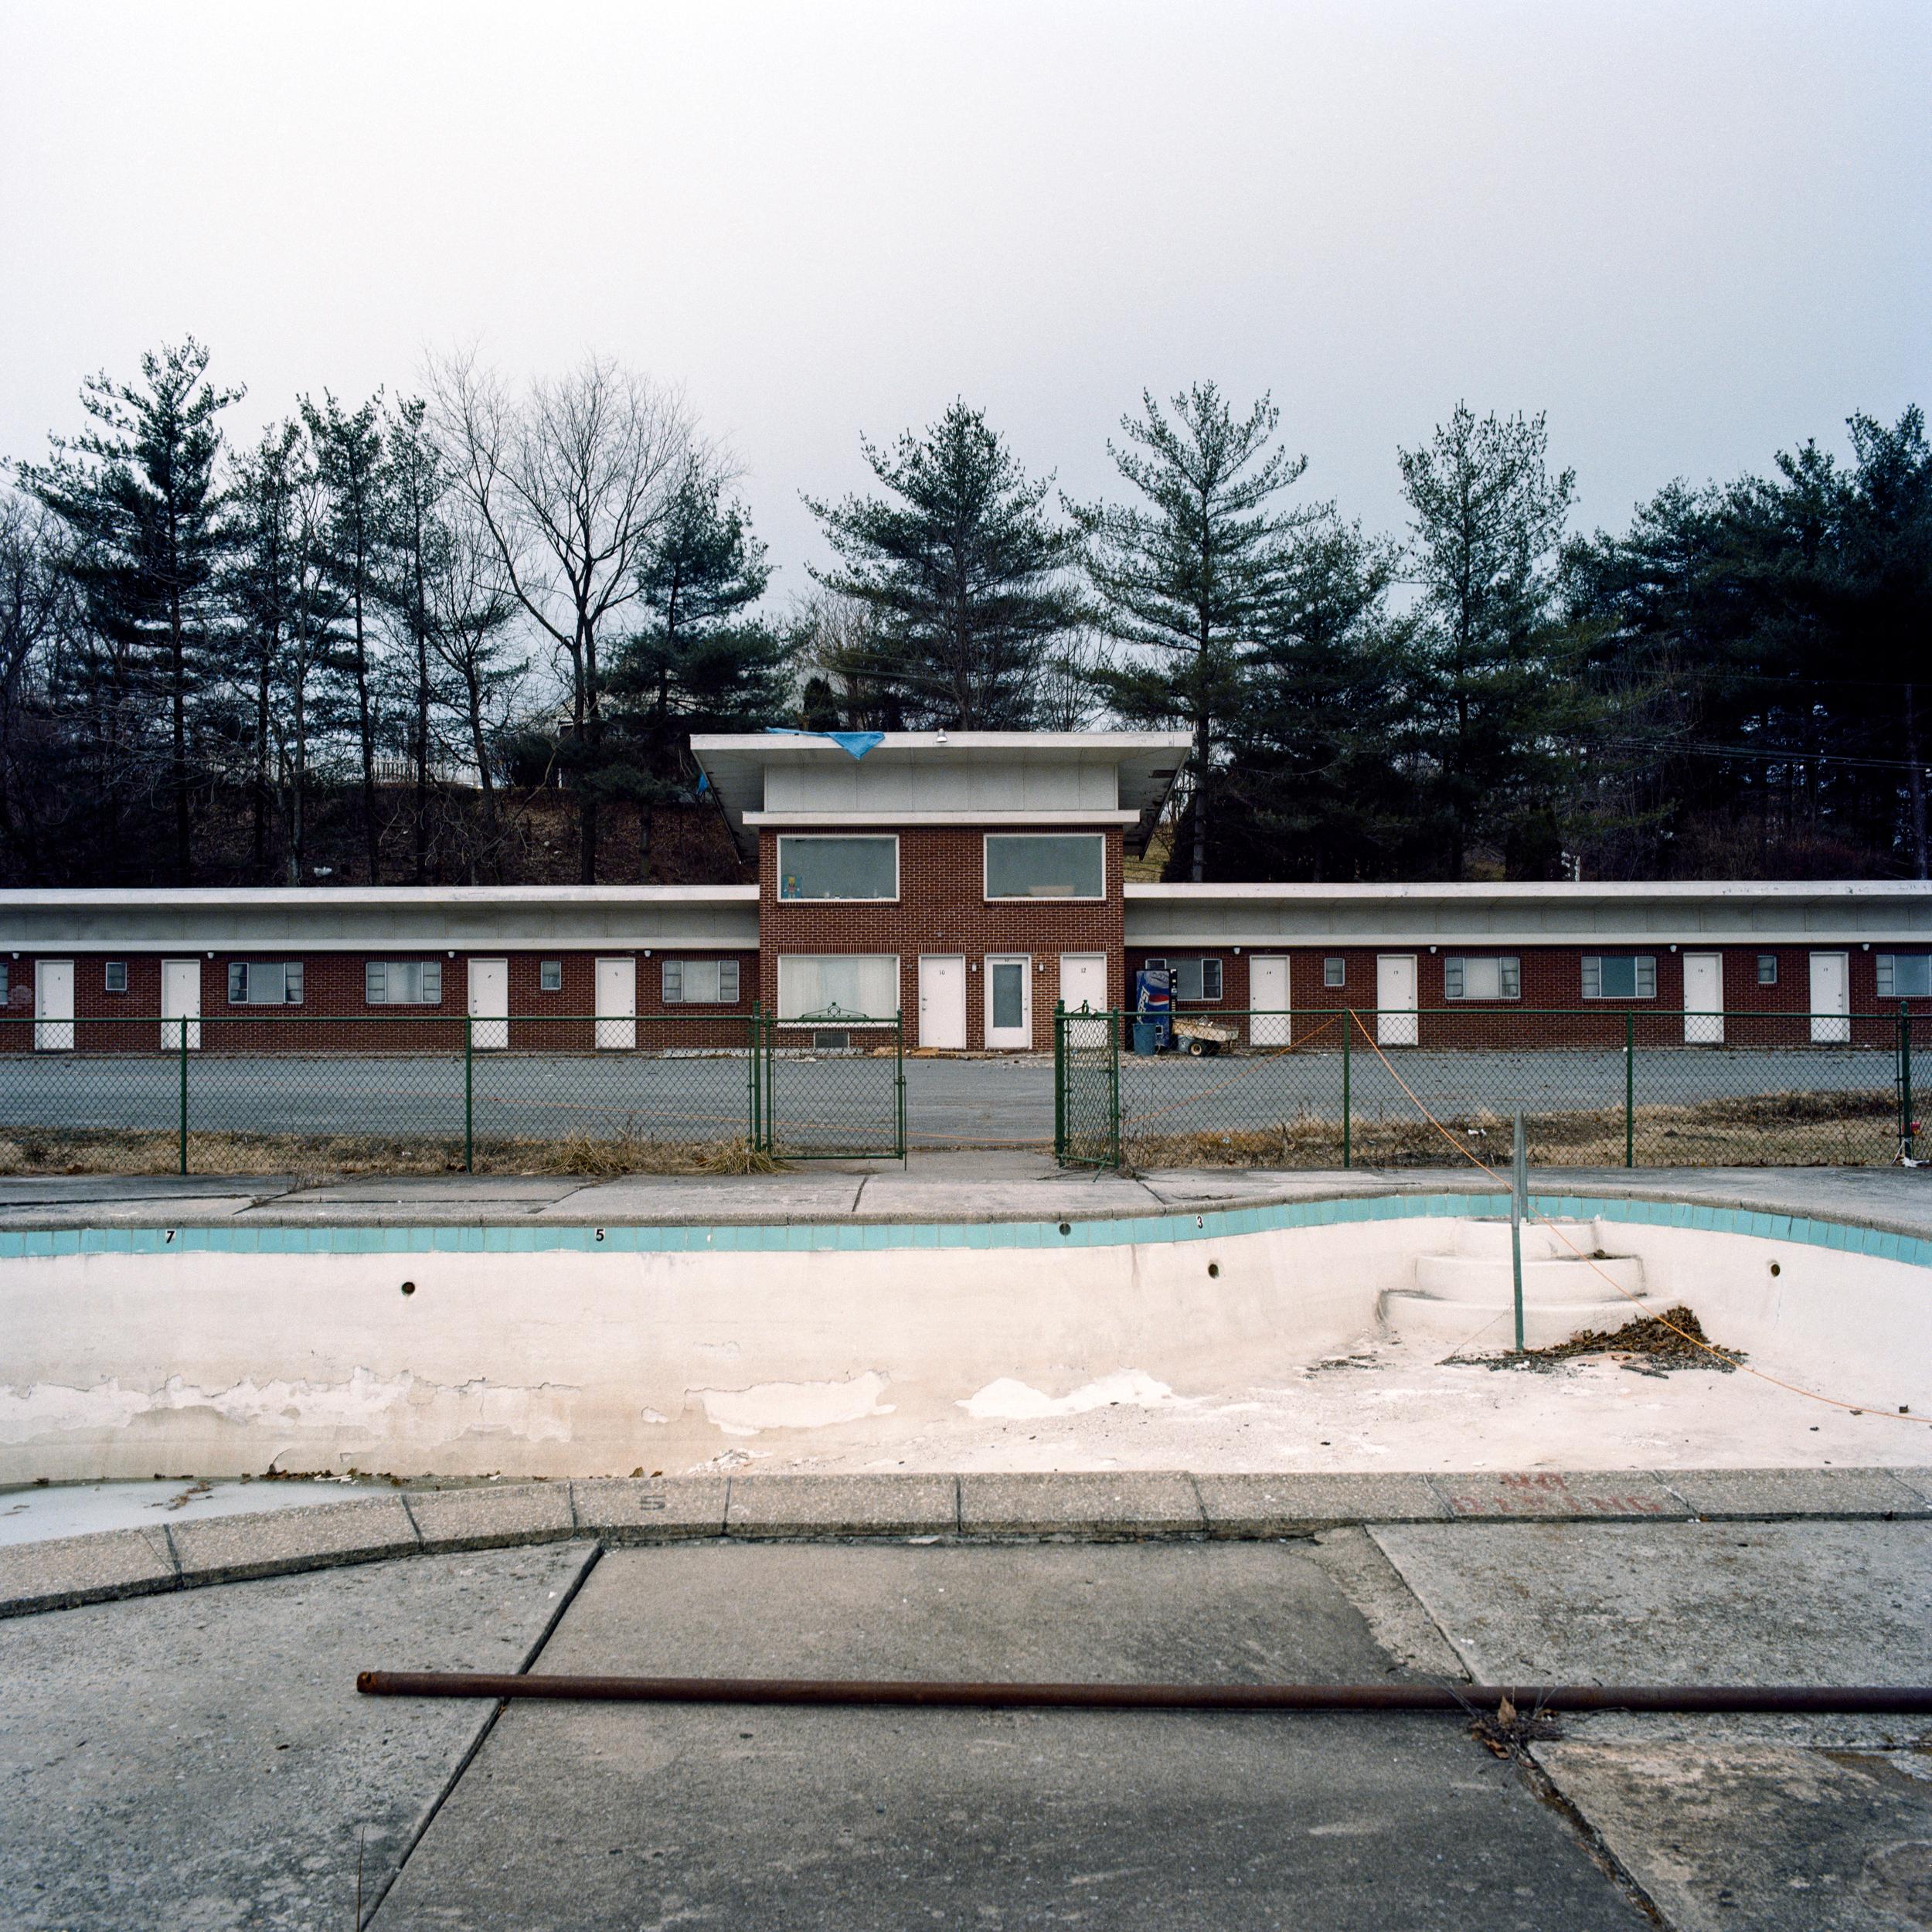 BW-Empty-Pool-ImaconF.jpg